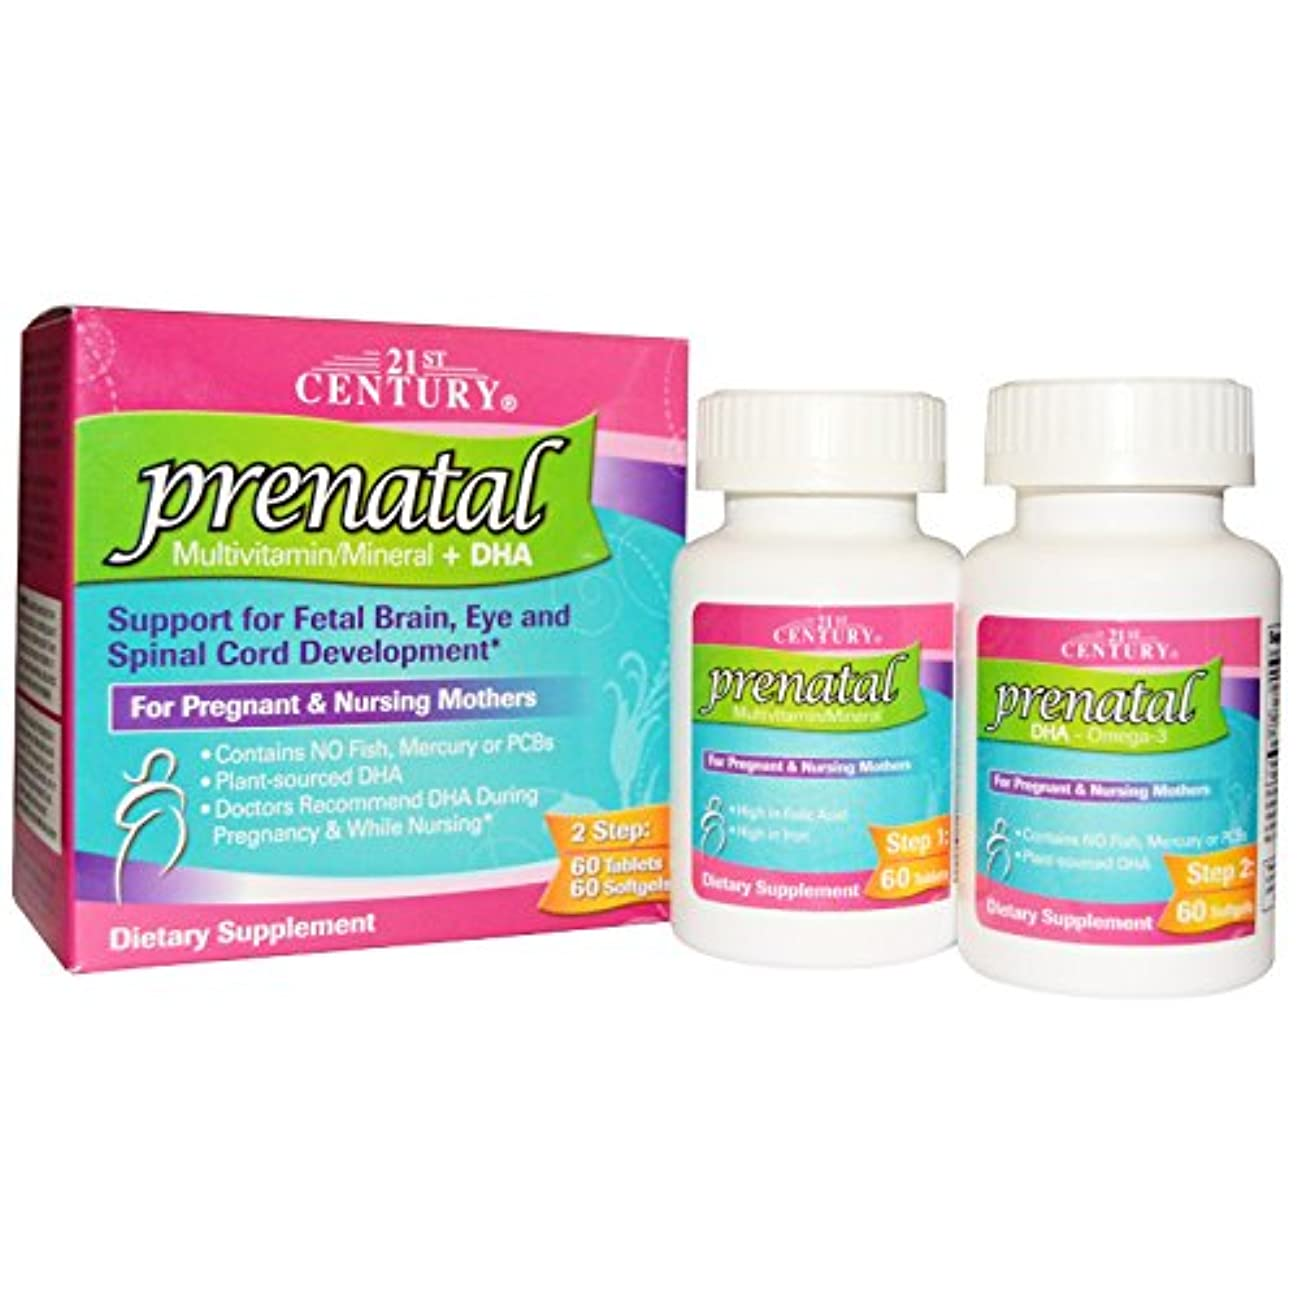 エステート交じるフリッパー妊婦用 DHA、錠剤およびソフトジェル、120カウントの出生前のビタミン   Prenatal with DHA, Tablets and Softgels, 120-Count